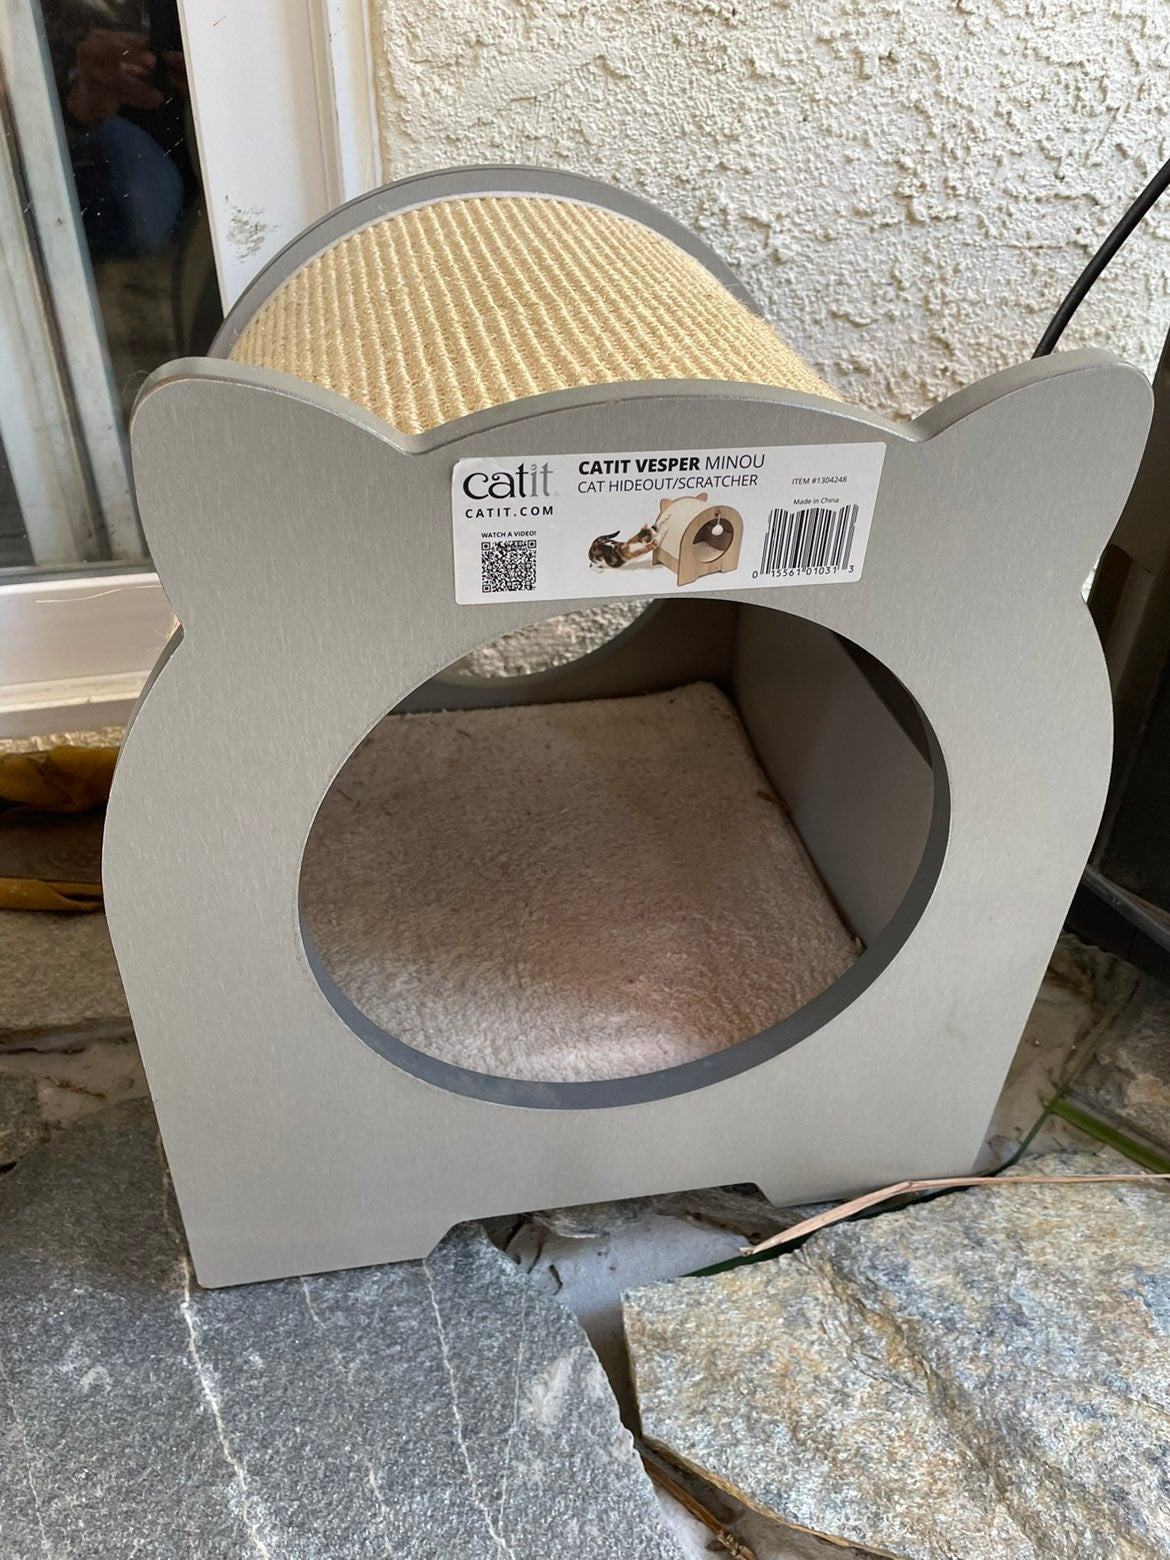 Cat scratcher /bed